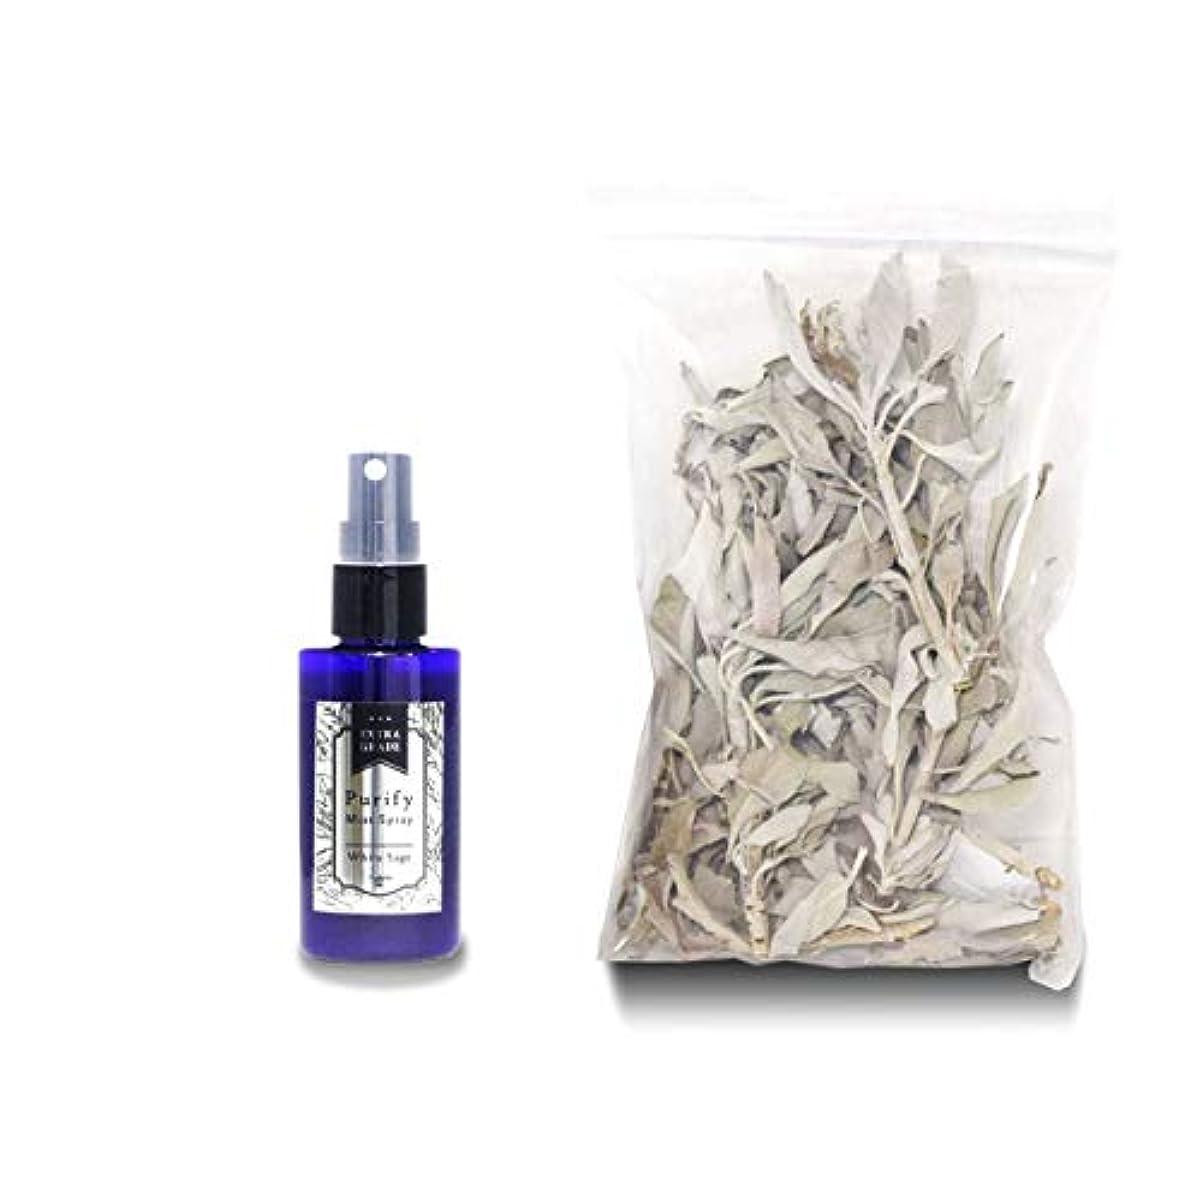 母性ローン手伝うホワイトセージ 30g エクストラグレードセージミスト セット パワーストーン 浄化 お香 インセンス